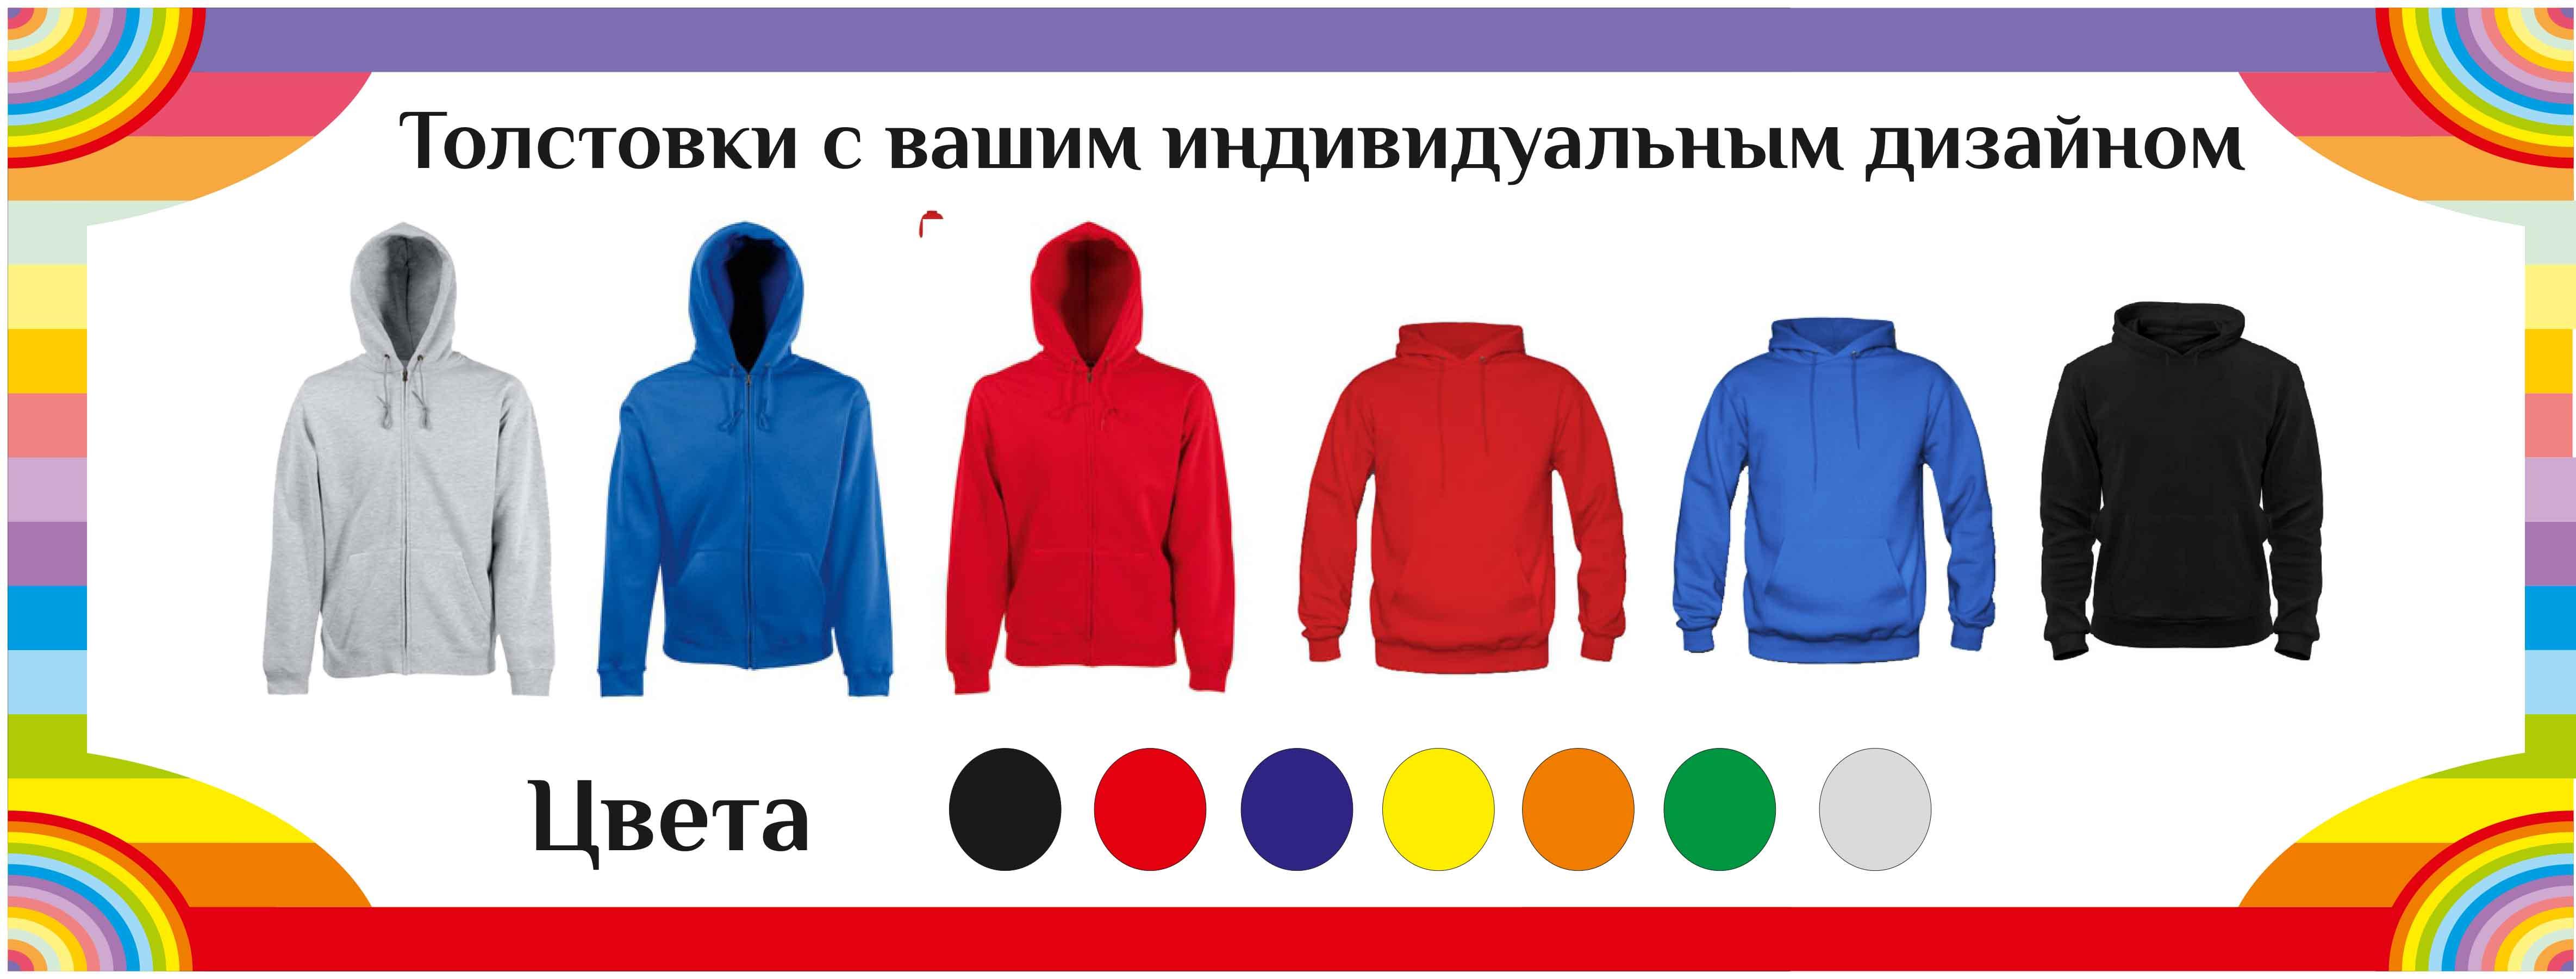 53f39b5163868 Стоимость готового изделия (толстовка цветная) 1400 руб. (печать +  толстовка) Стоимость готового изделия (толстовка, свитшот белая) 900 руб.